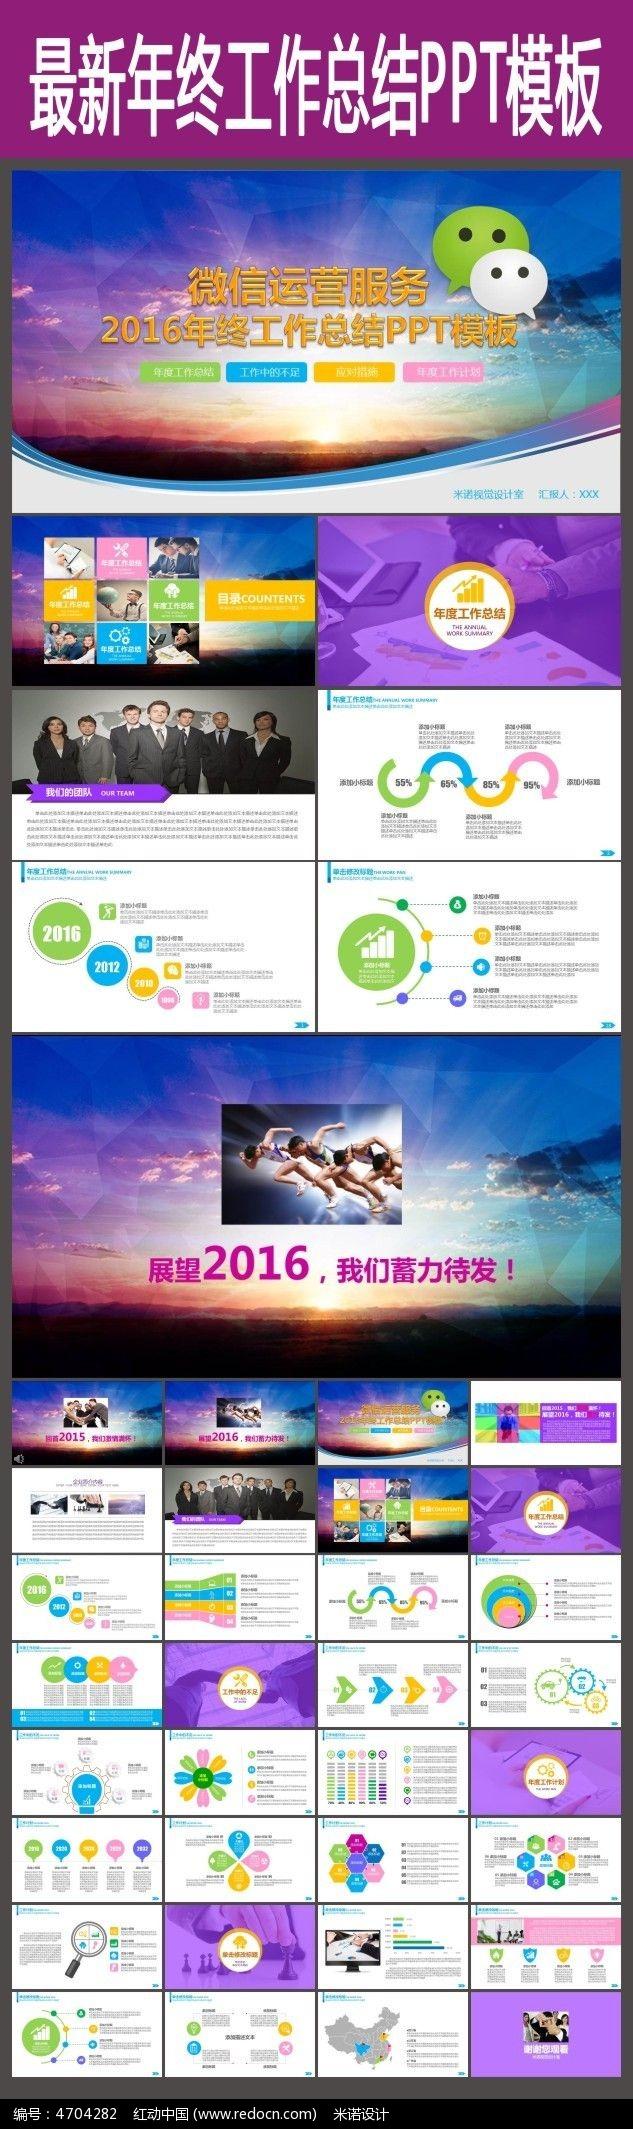 简约微信平台工作报告ppt模板